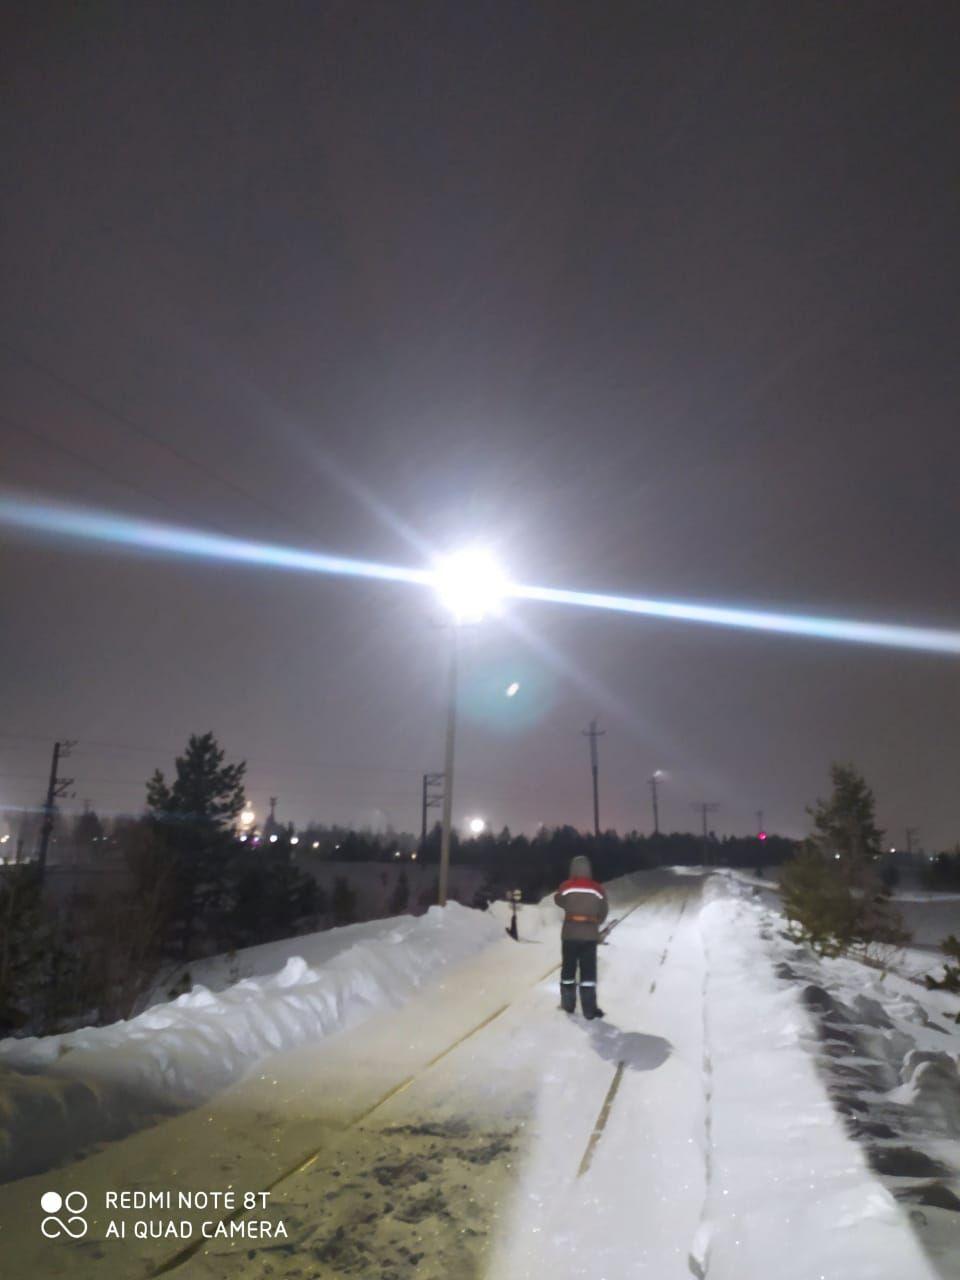 Замена освещения на светодиодное